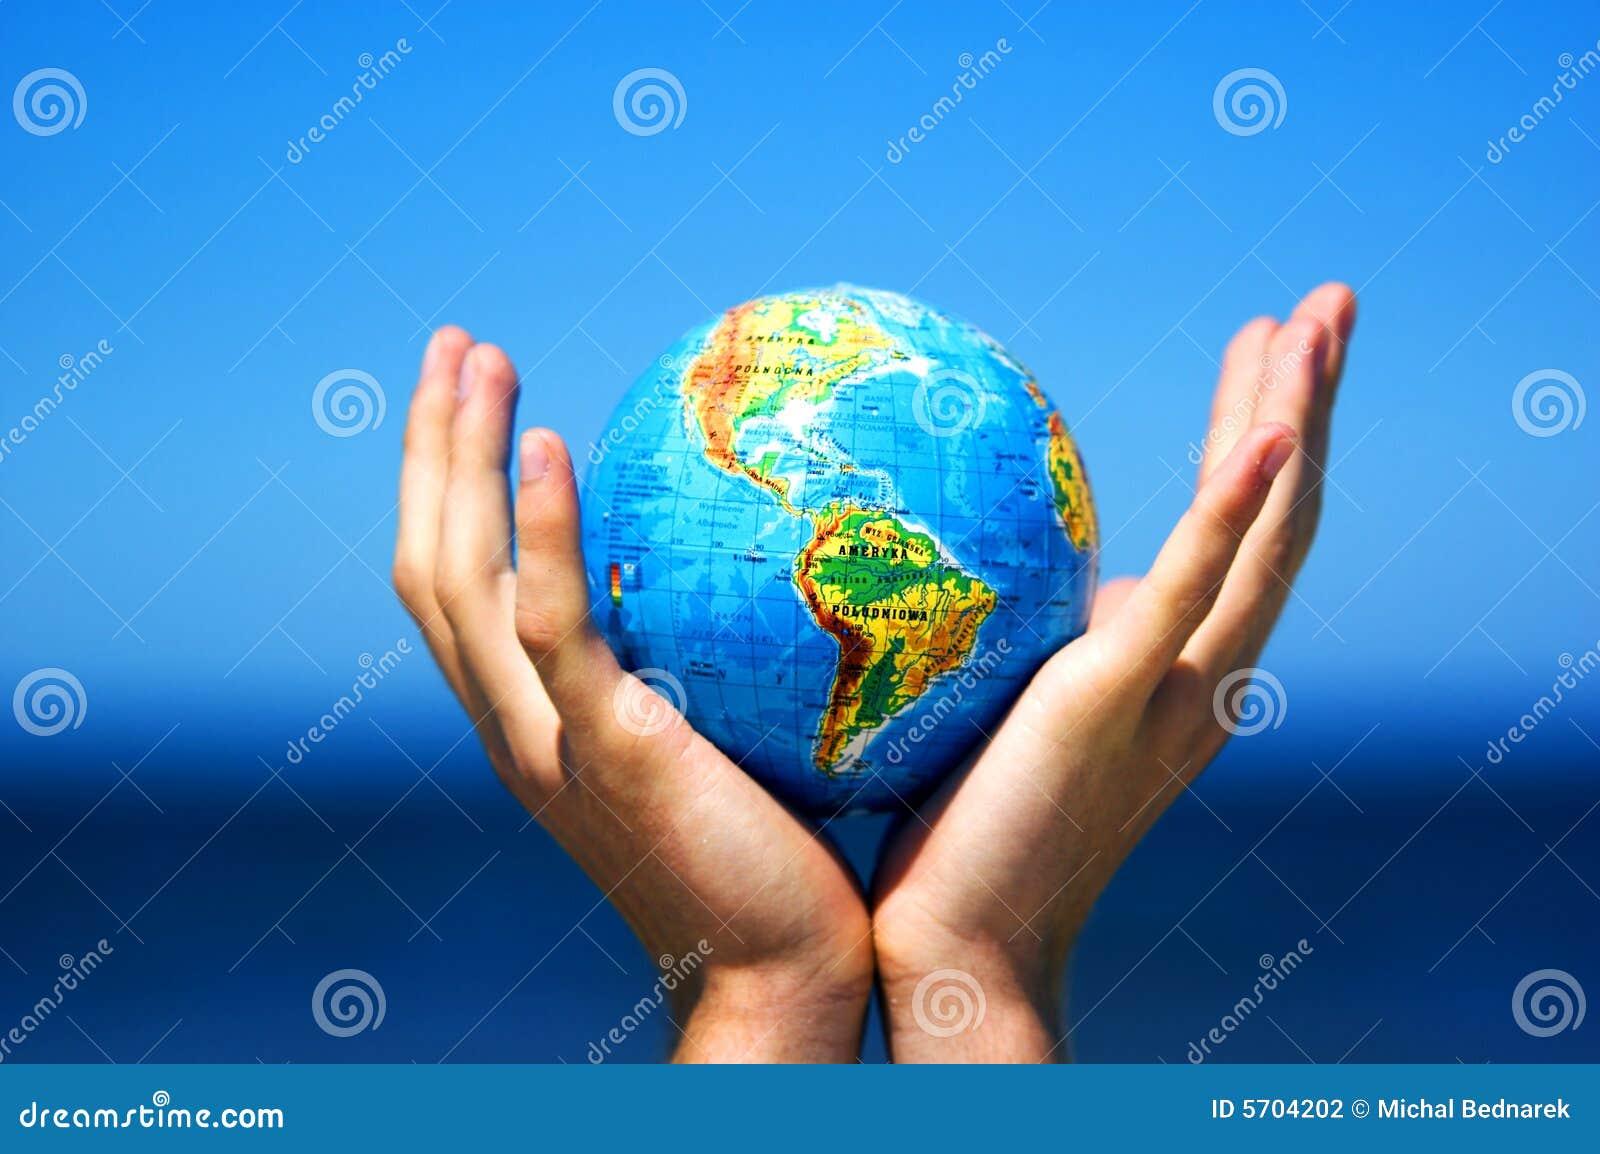 Globo de la tierra en manos. Imagen conceptual